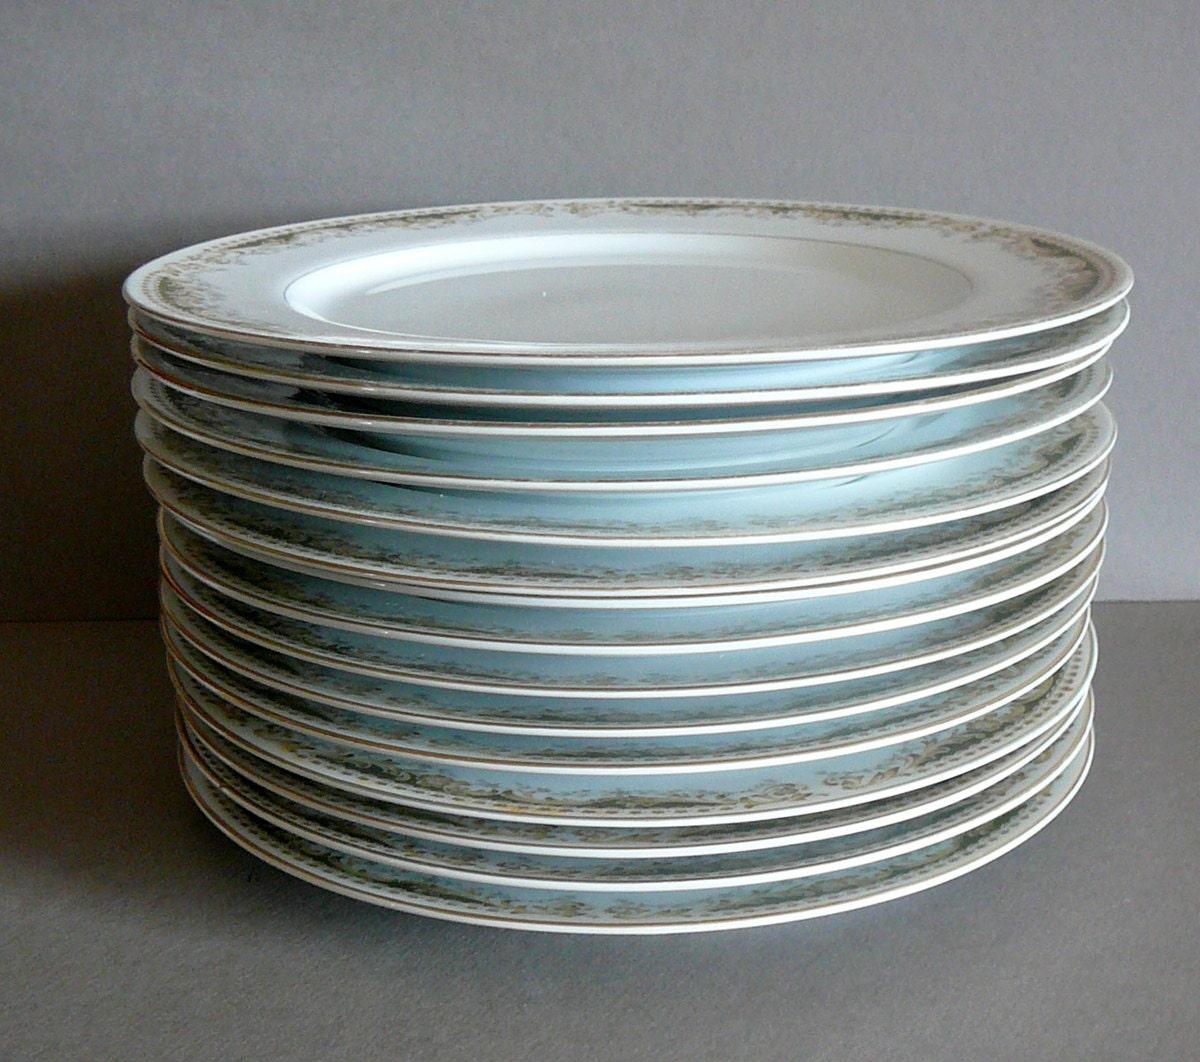 SALE 30 OFF Vintage Japan Dinner Plates Set Of By EvelynnsAlcove